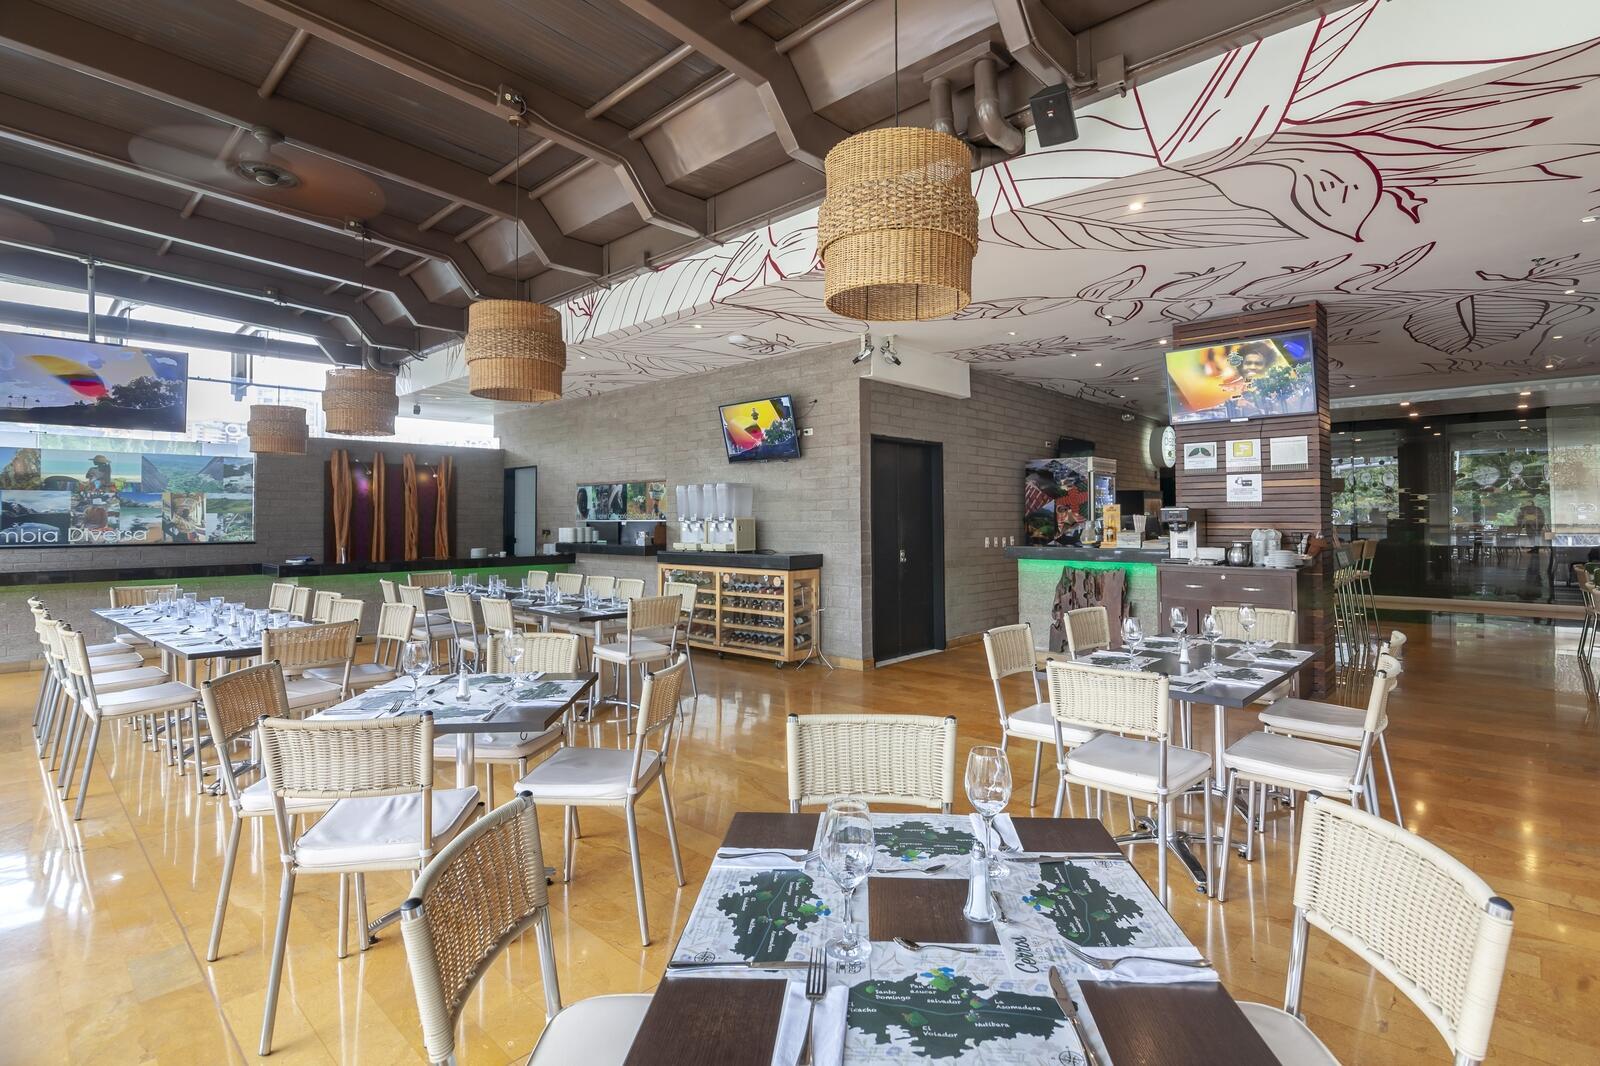 Diez Hotel Restaurant